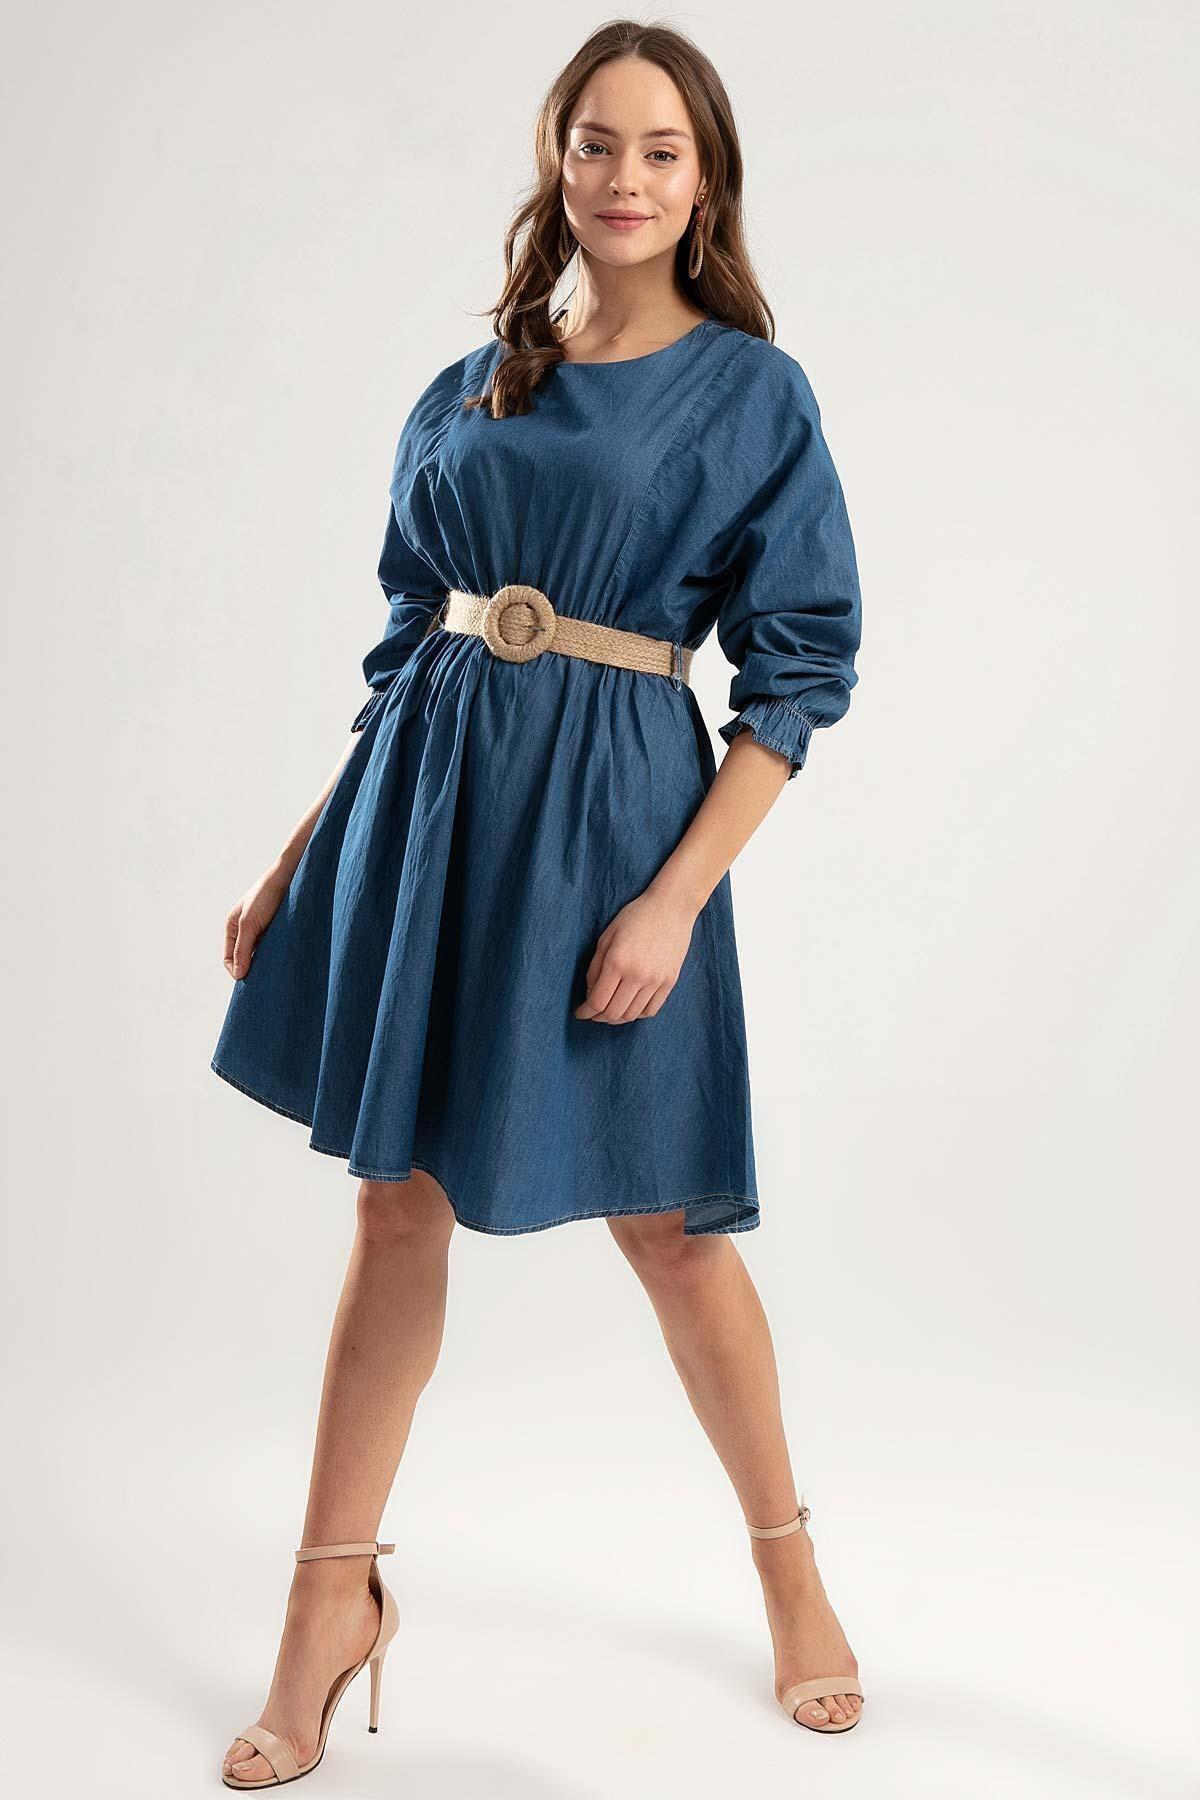 Pattaya Kadın Kemerli Mini Kot Elbise Y20s110-1923 2